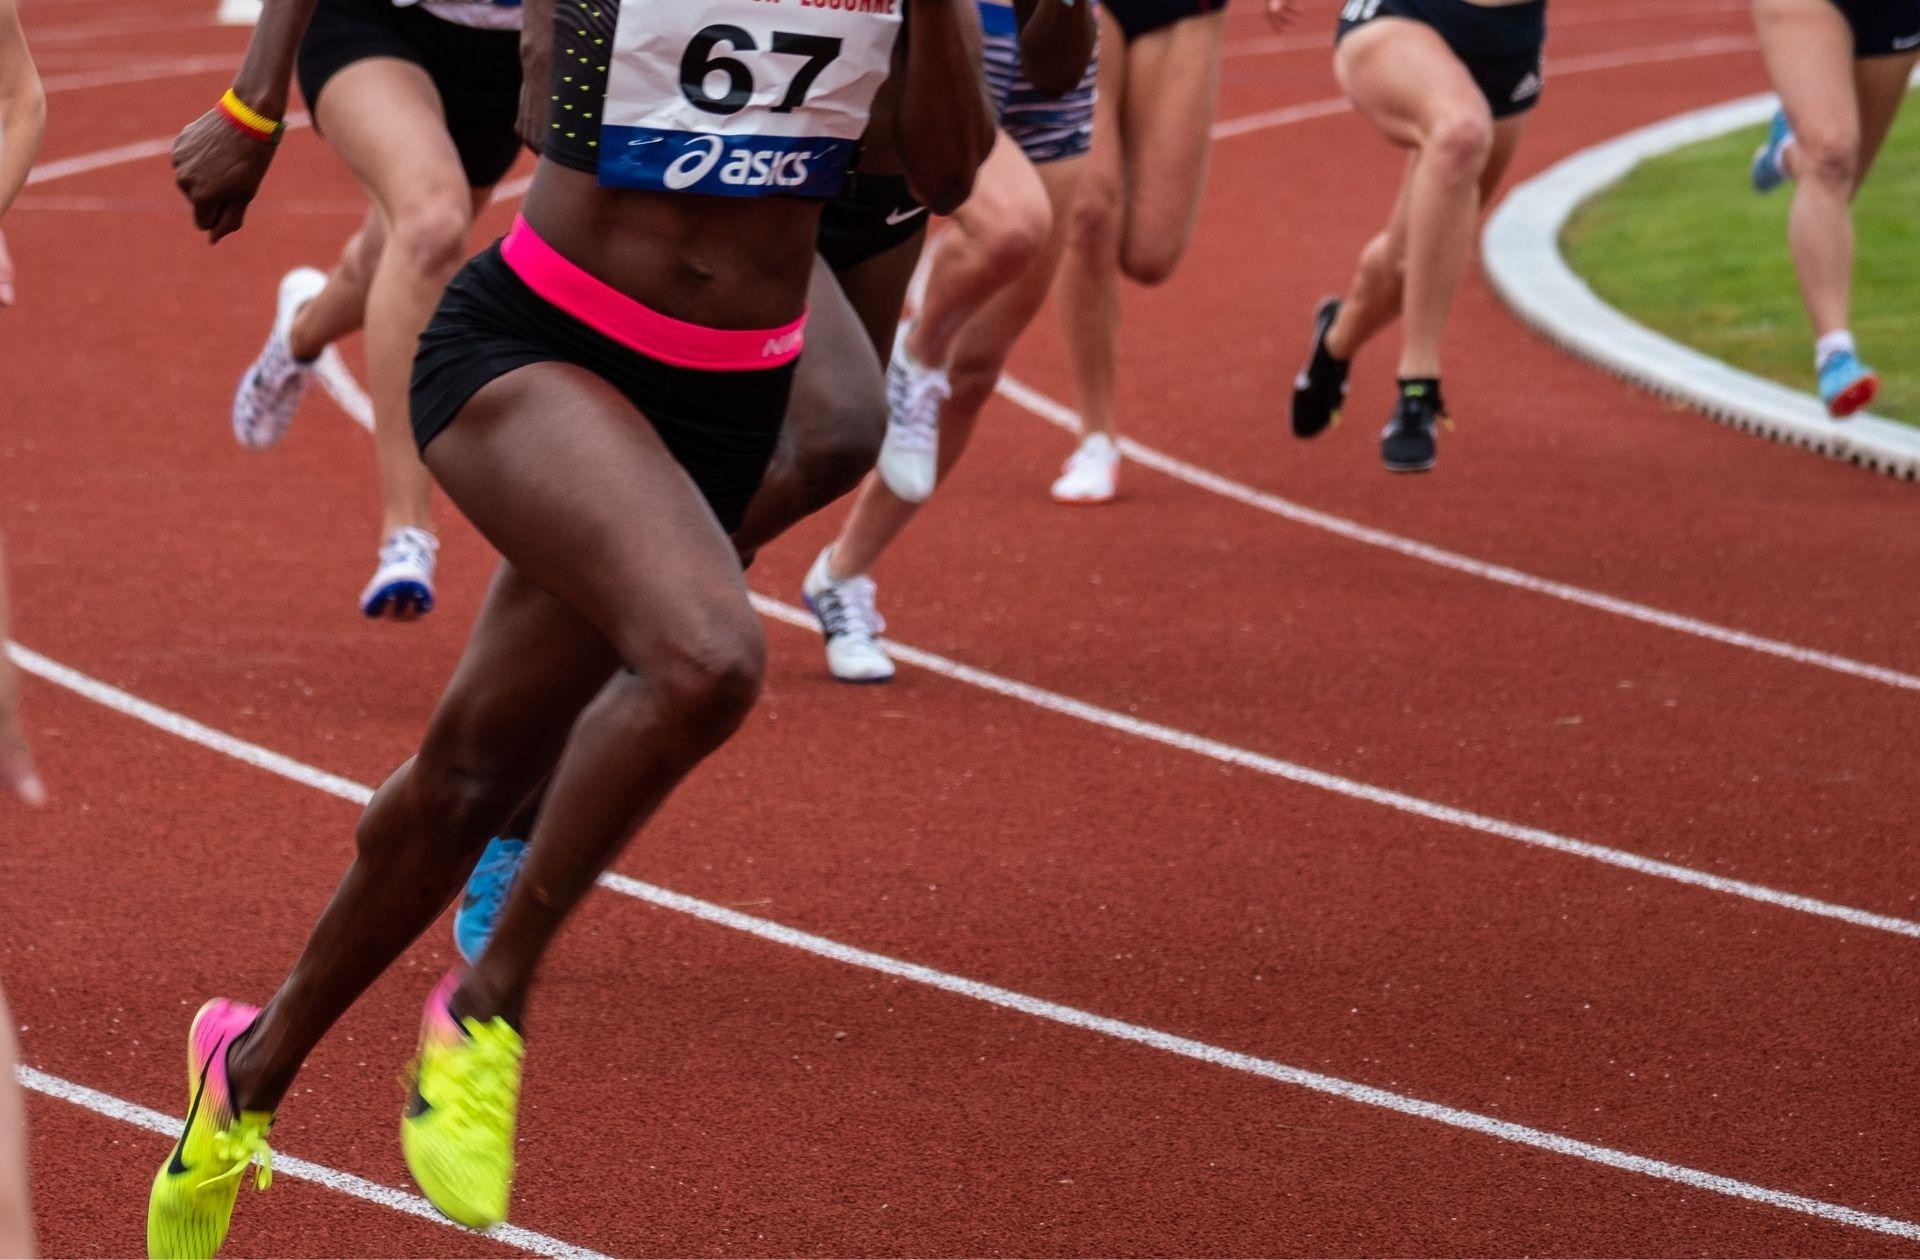 Sexistes et racistes, les règles qui empêchent Aminatou Seyni de participer aux JO?